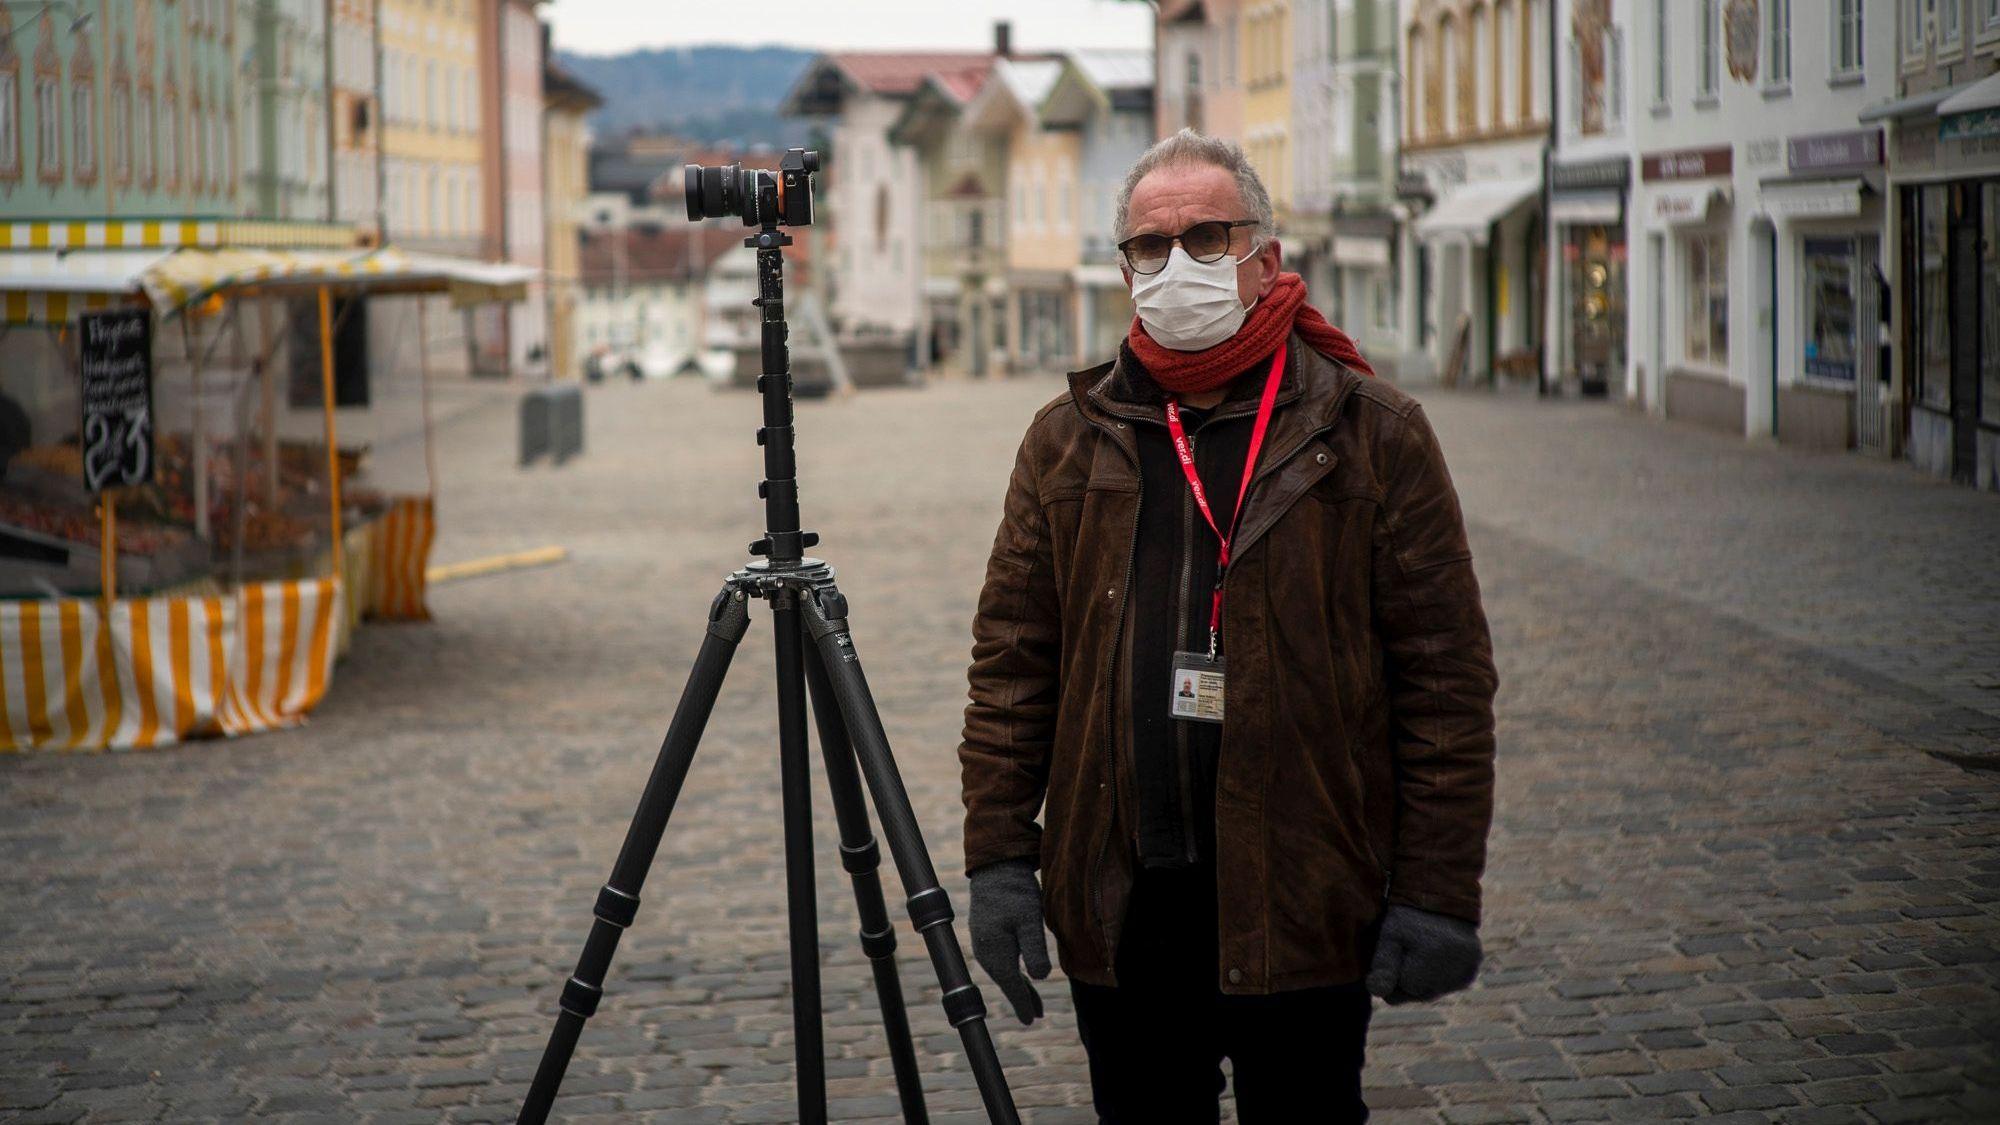 Ein Mann steht in einer verlassenen Fußgängerzone neben seinem Foto-Stativ. Er trägt eine Sonnenbrille und einen Mundschutz.